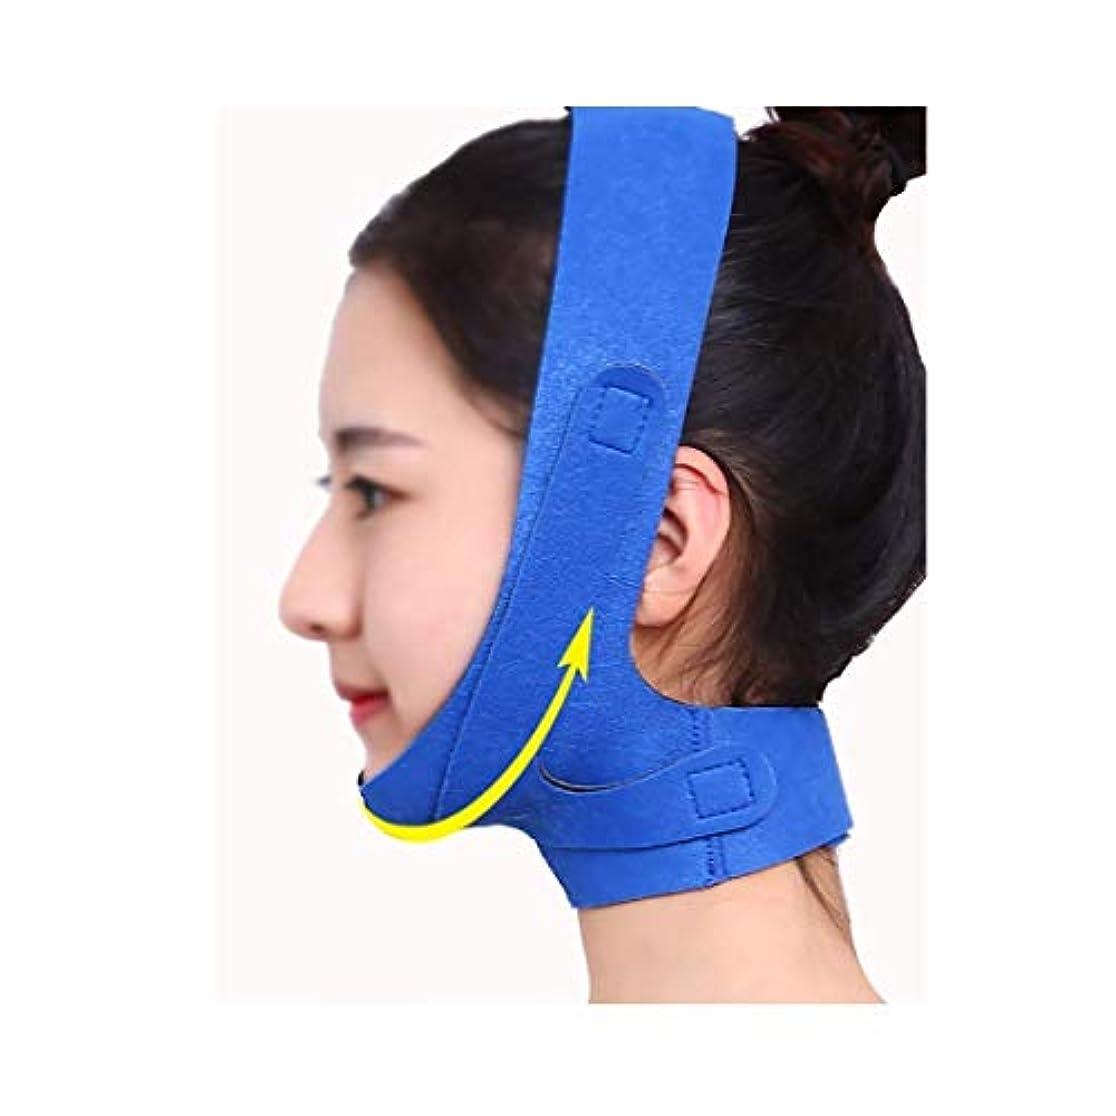 インセンティブ失われたダニフェイスリフトマスク、チンストラップの回復の包帯の睡眠の薄い顔の包帯の薄いフェイスマスクフェイスリフトの美のマスクの包帯の青いフェイスマスクが付いている小さいVの顔を高めるフェイスリフトのアーティファクト